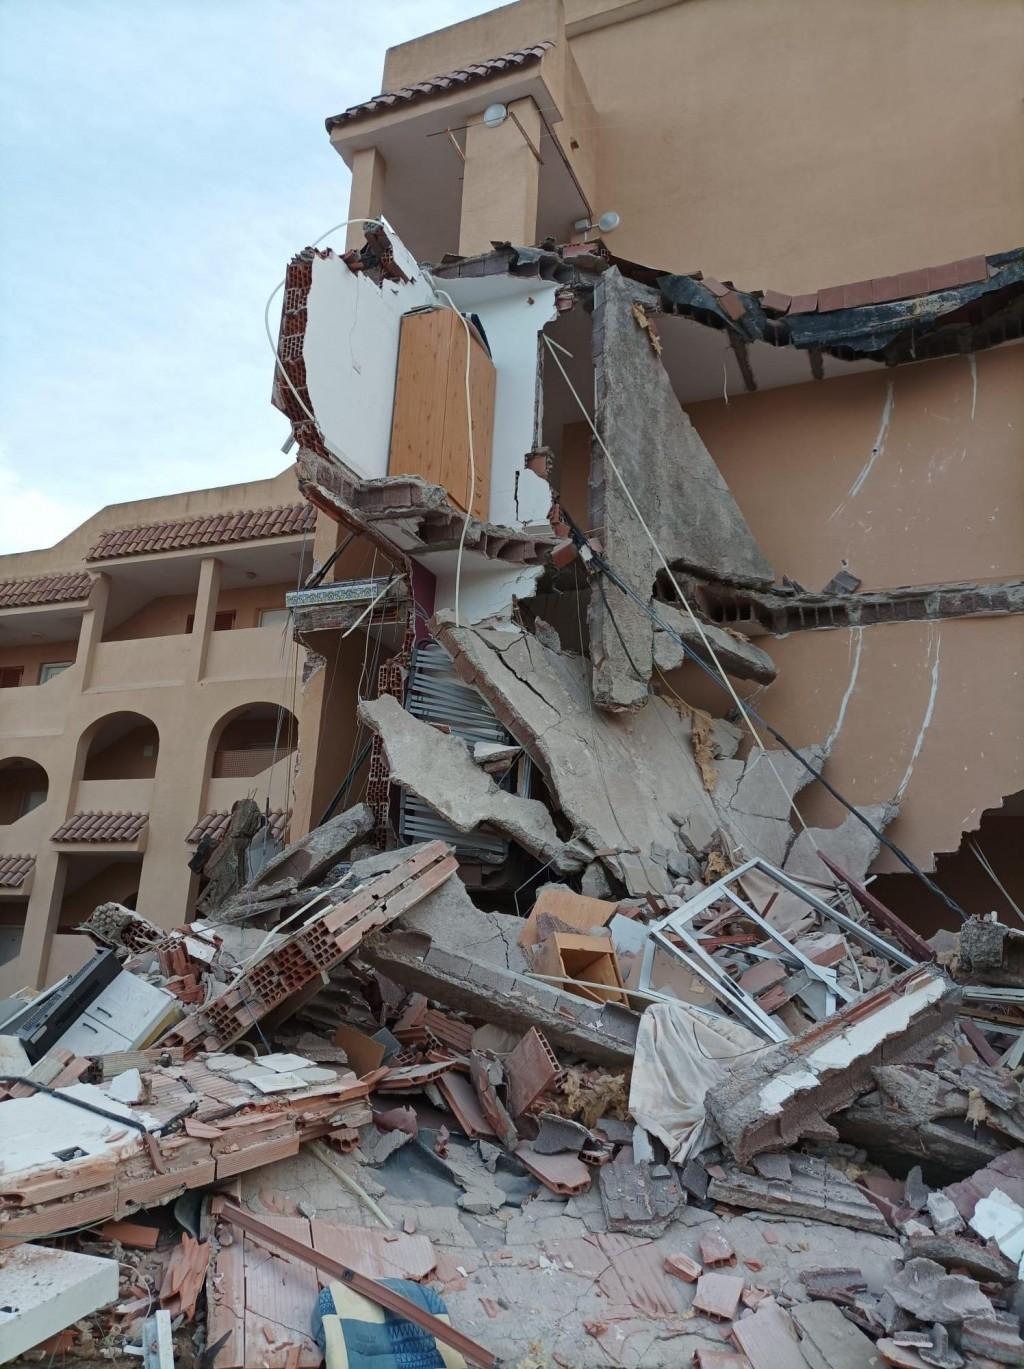 Se derrumbó un edificio en España y hay personas atrapadas